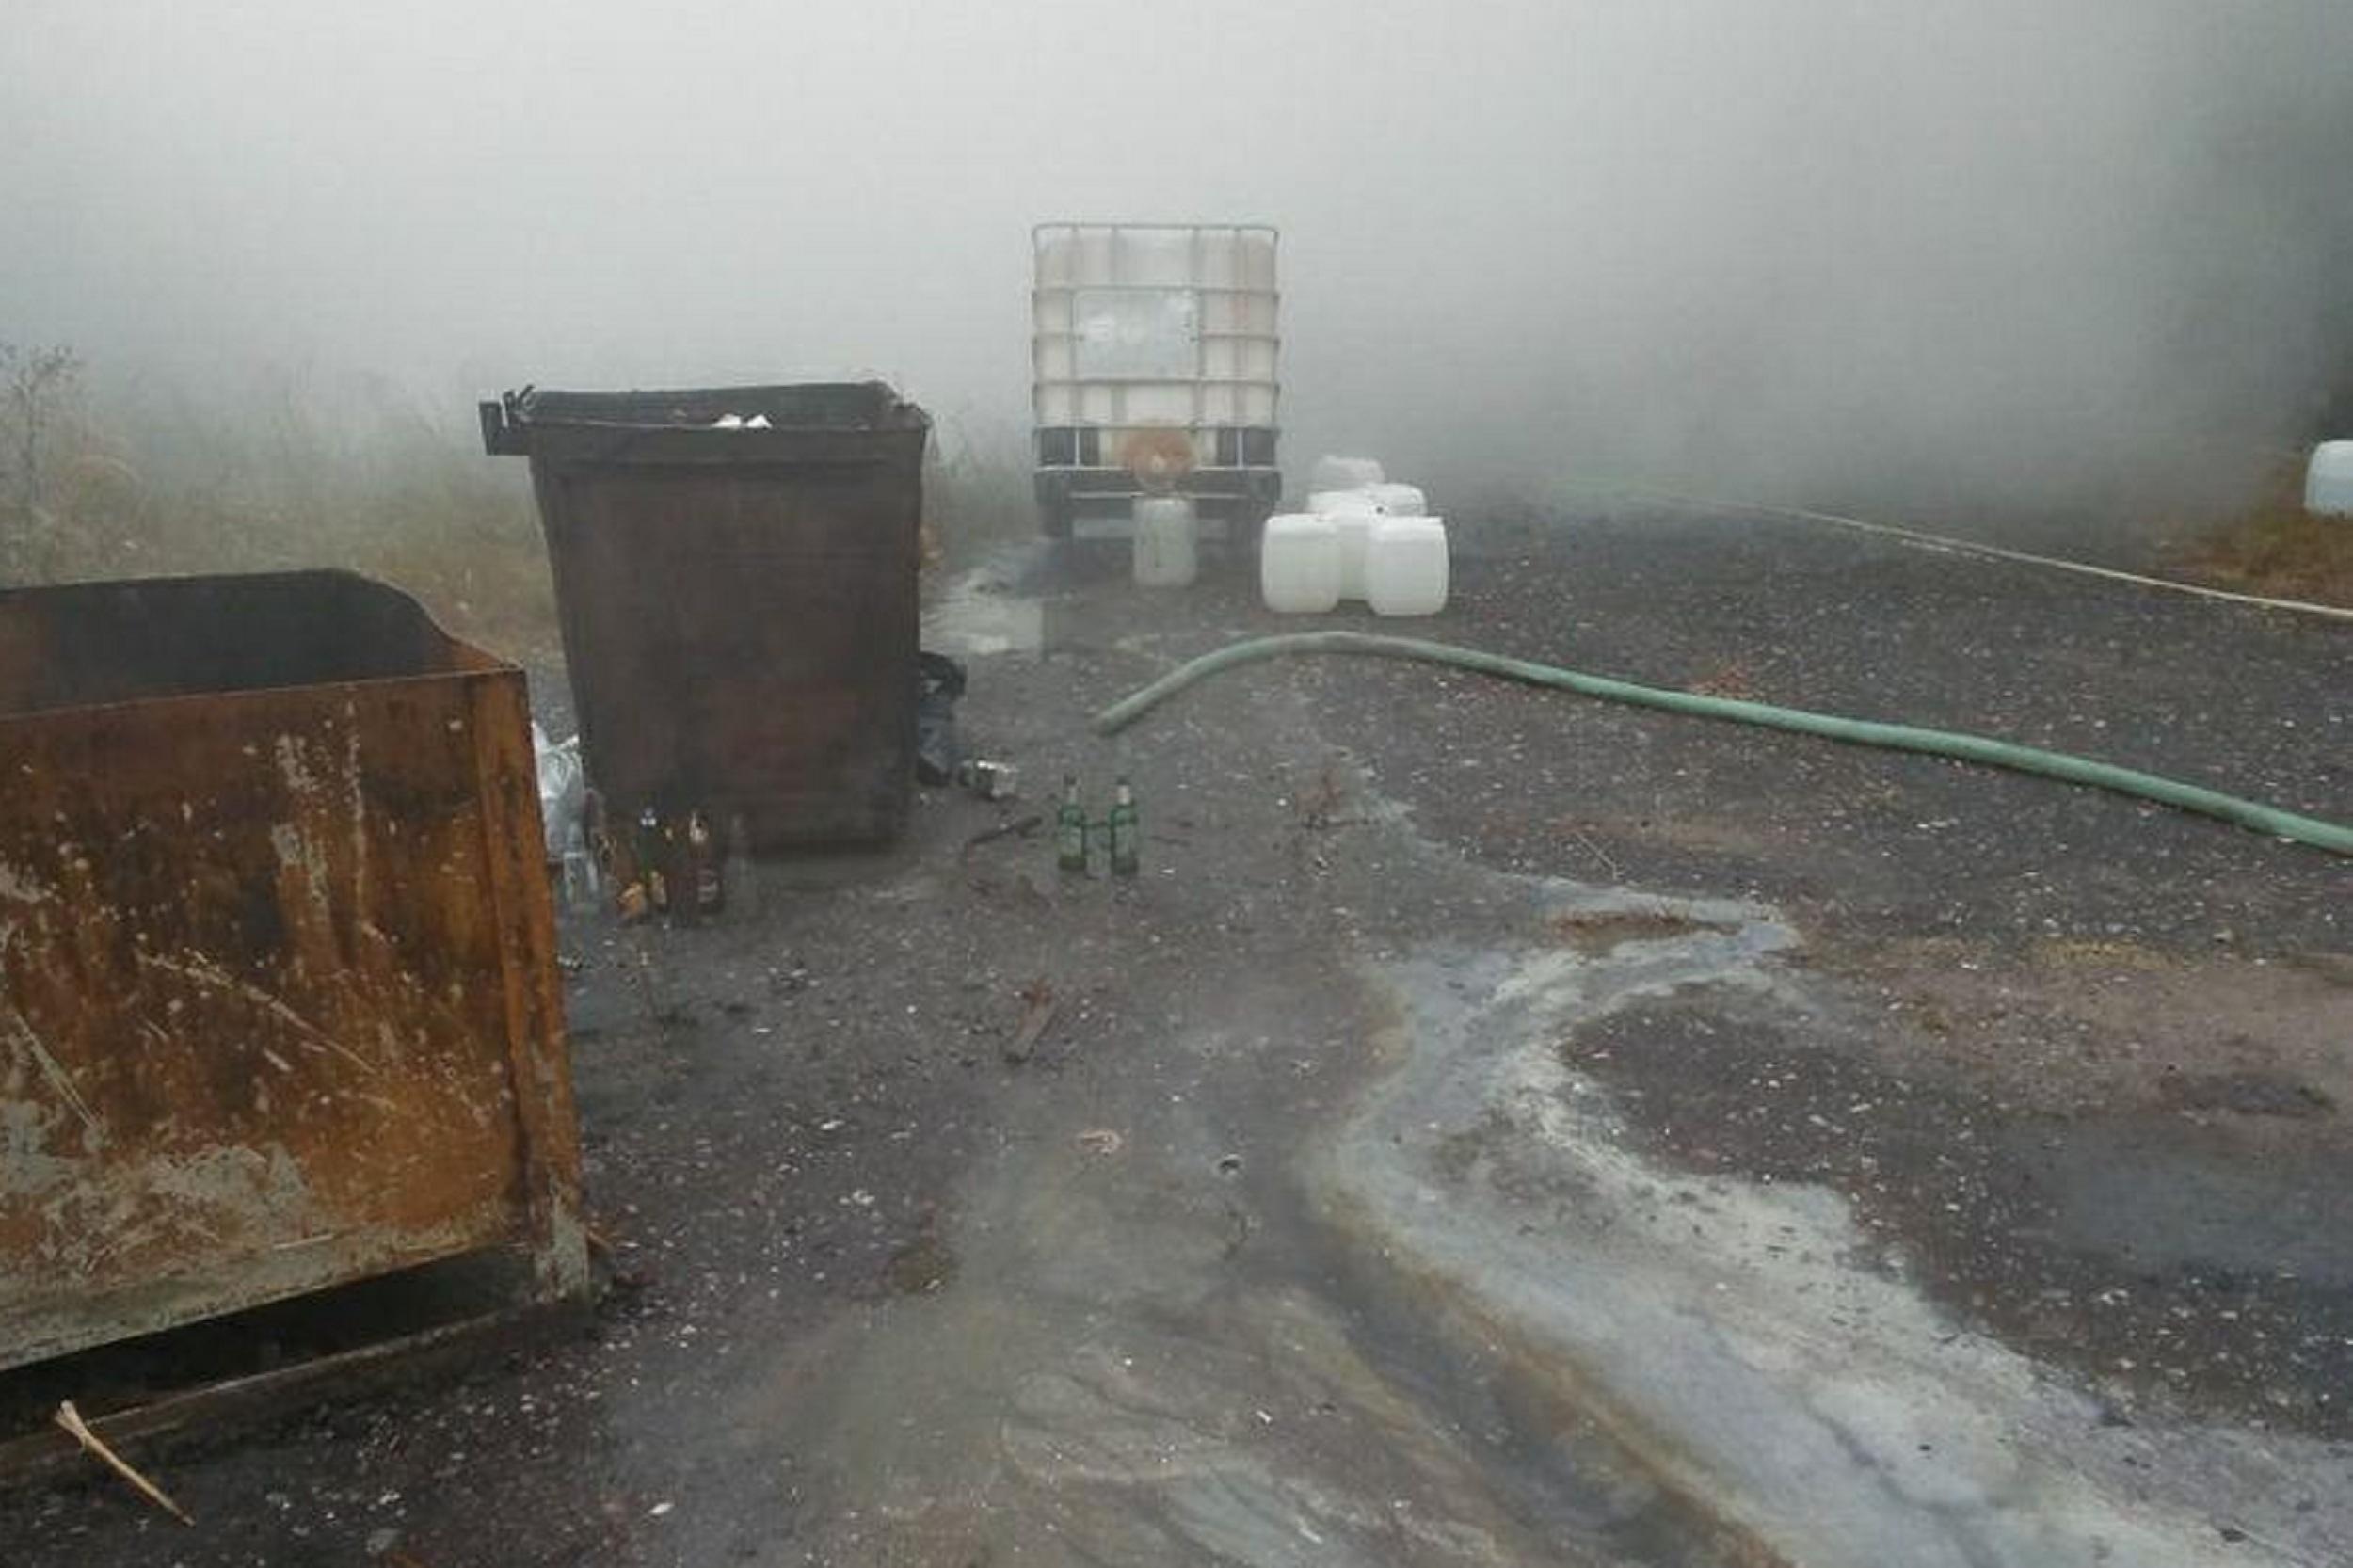 Разлившаяся неизвестная жидкость горит около одного из домов в Дзержинске (ВИДЕО)